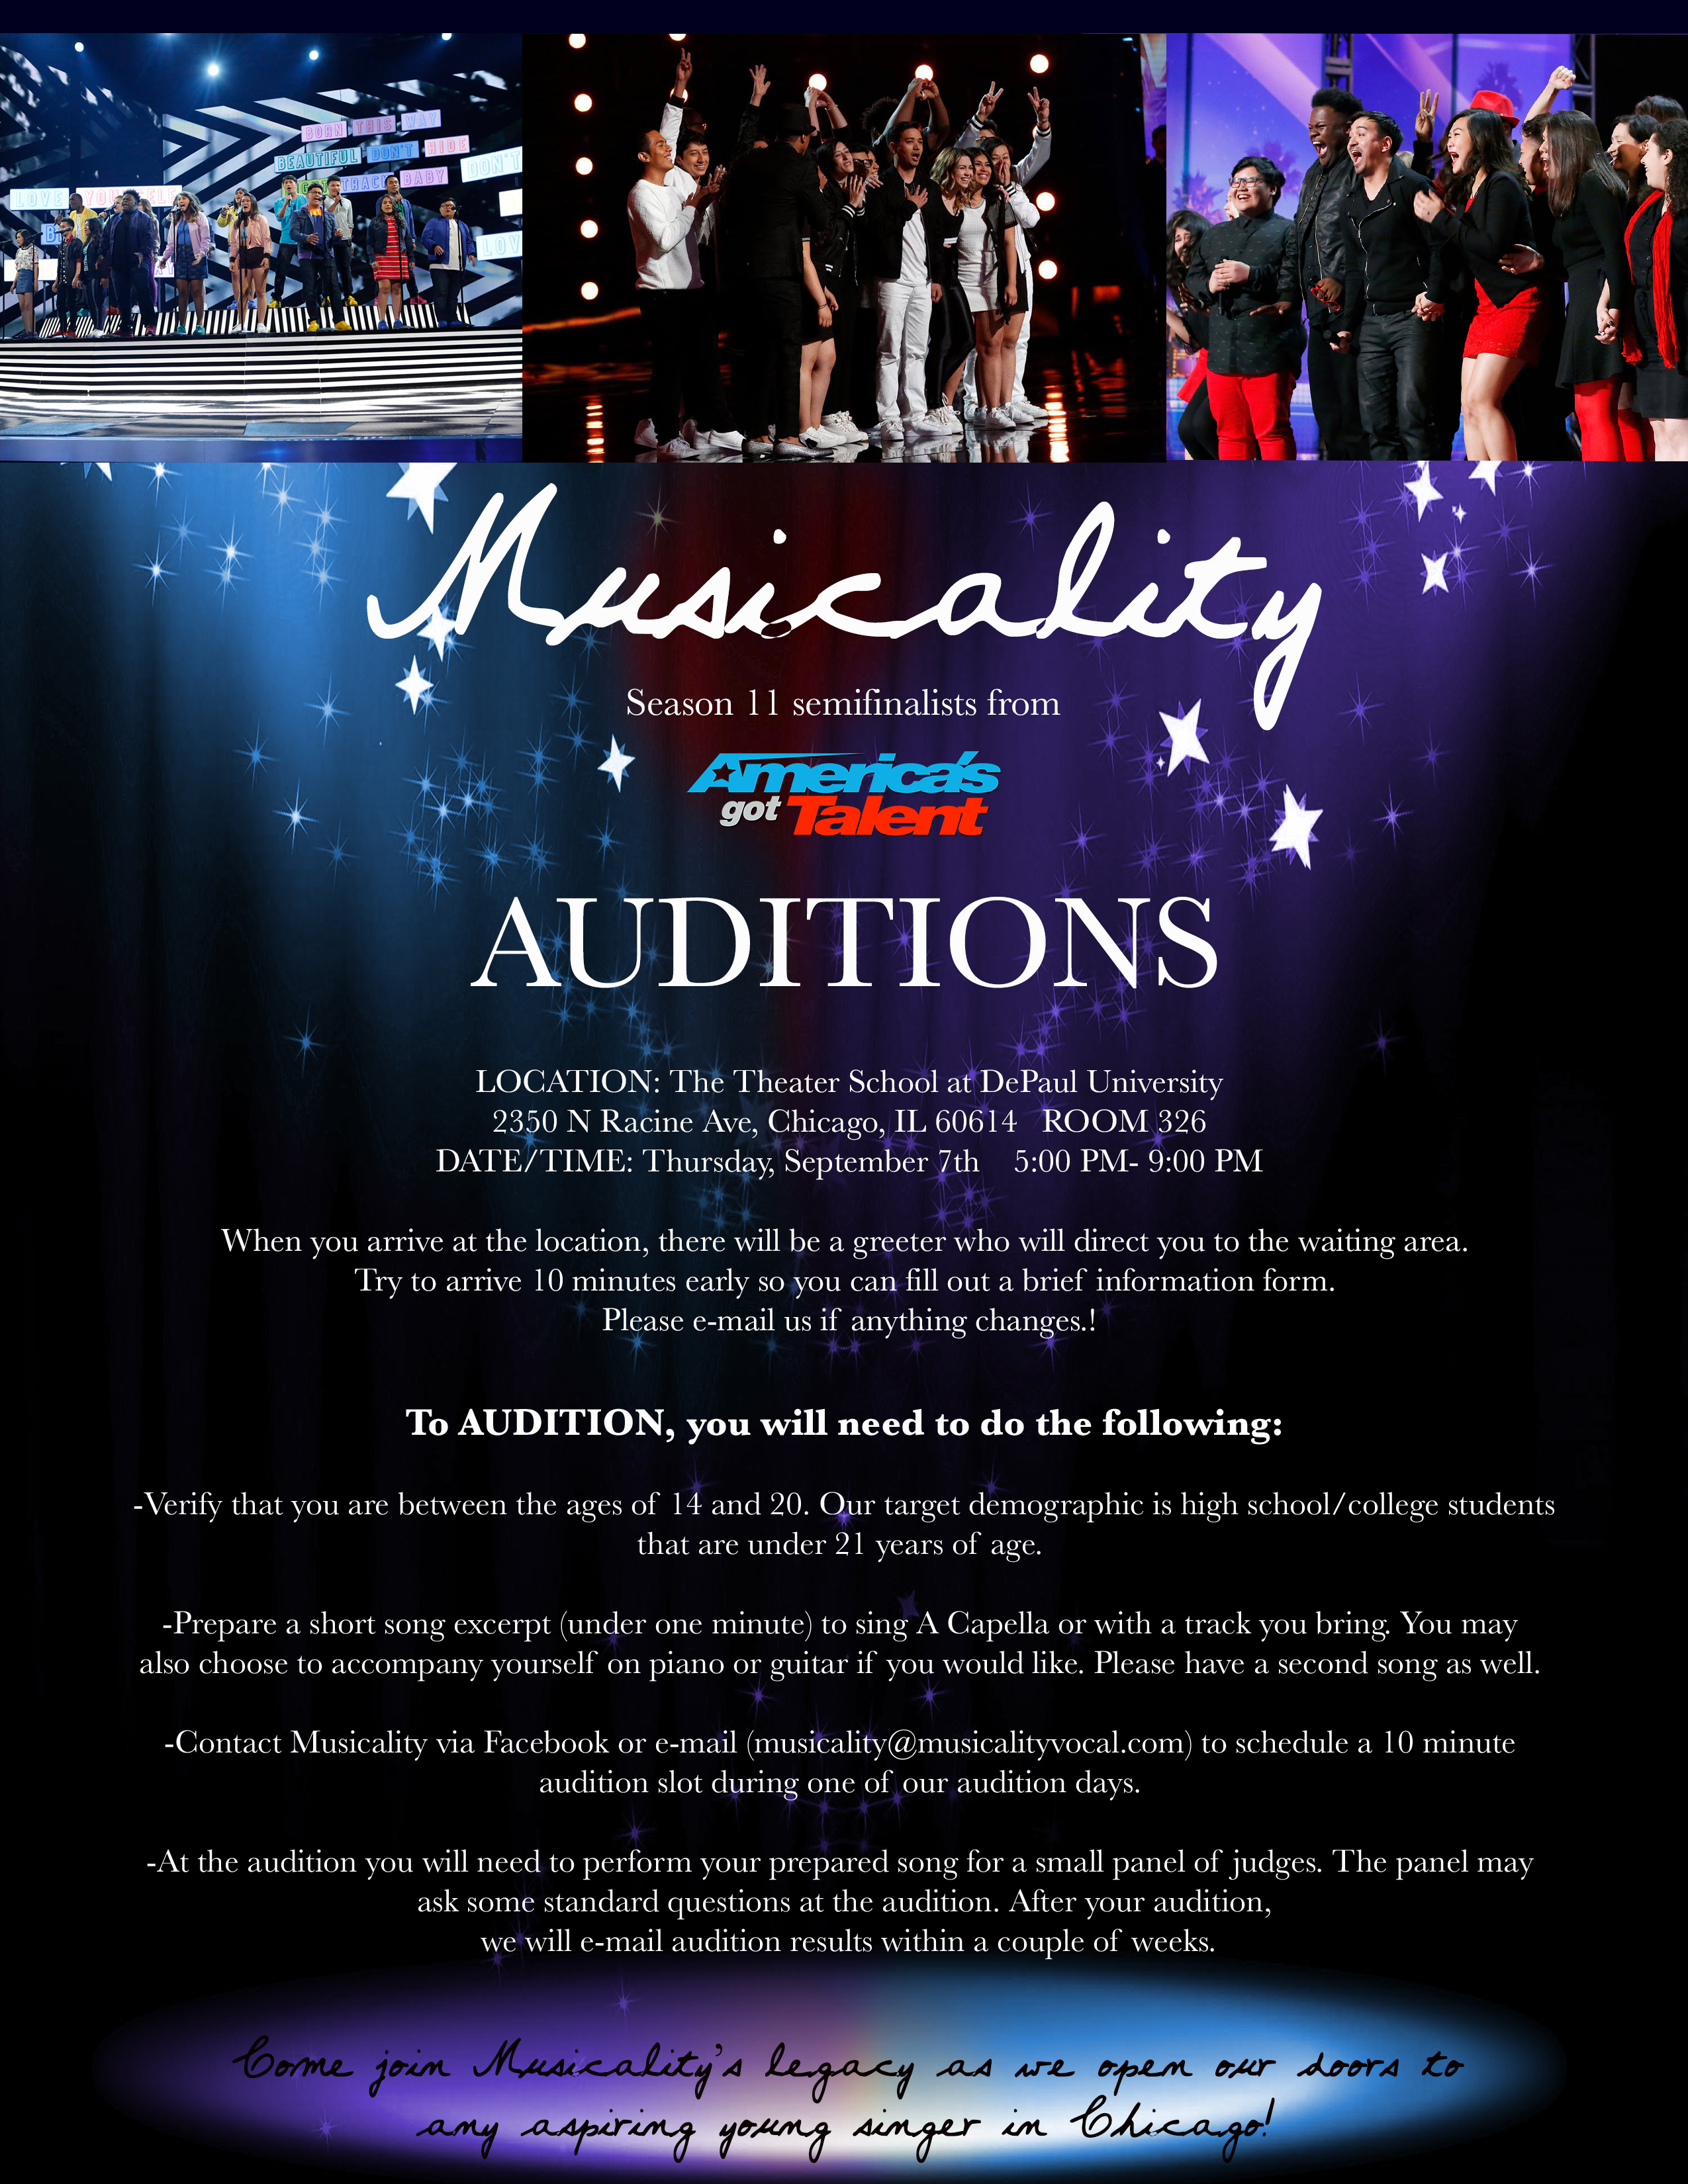 MusicalityAuditionInfo.jpg